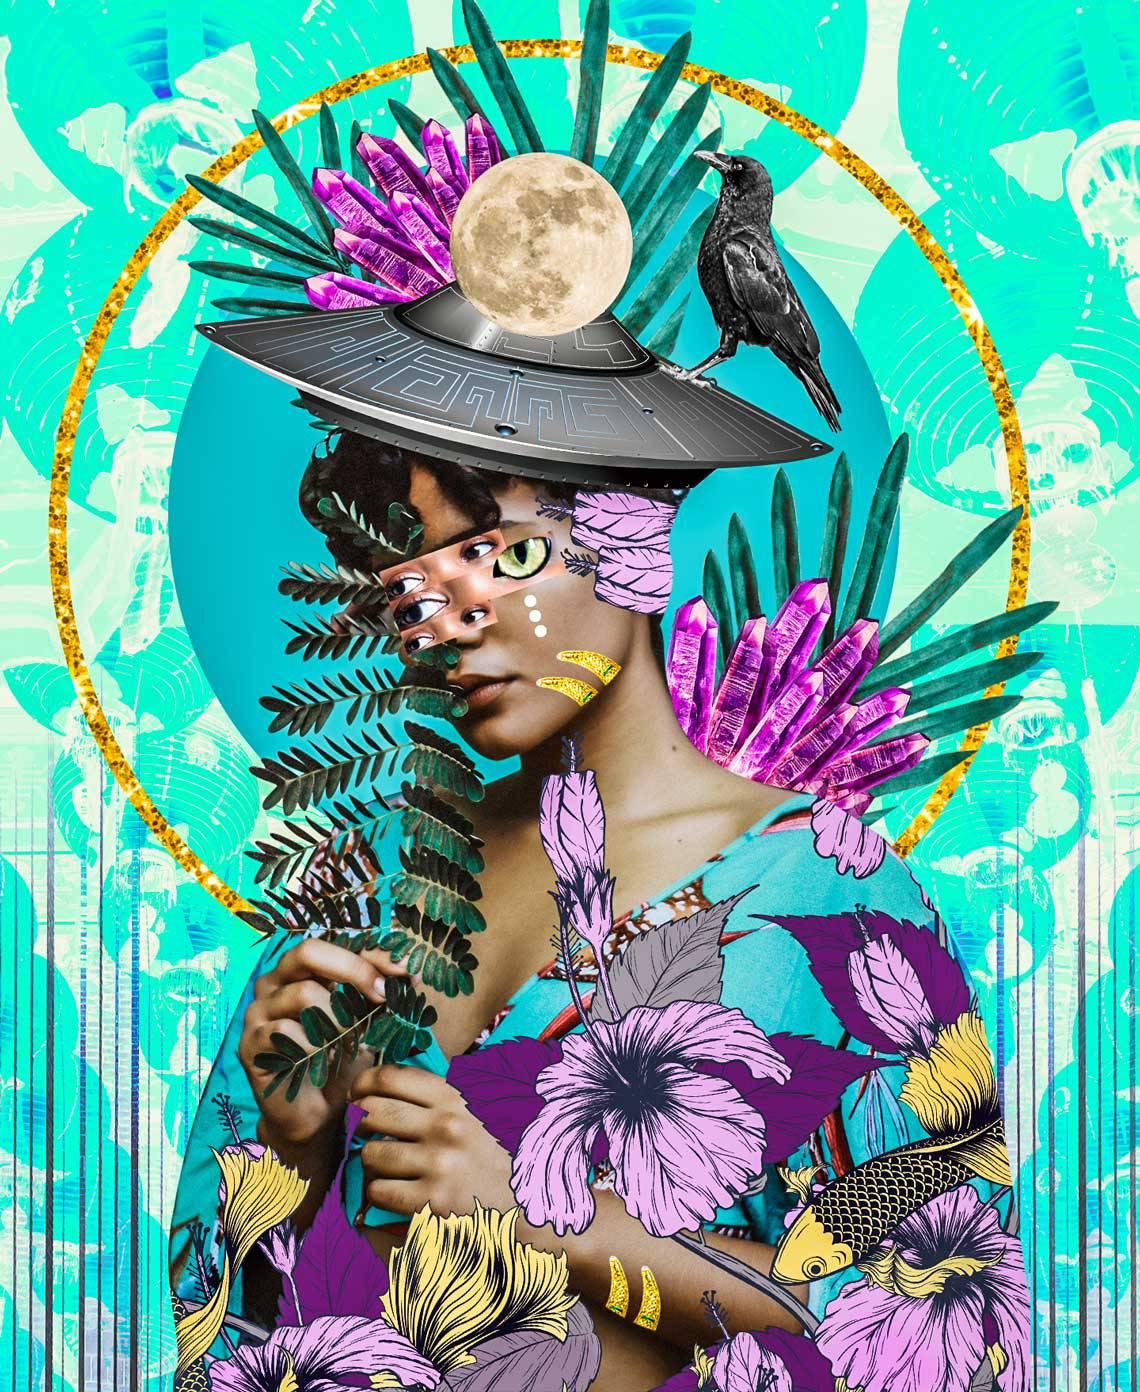 afrofuturism-collages-of-kaylan-m-6.jpg